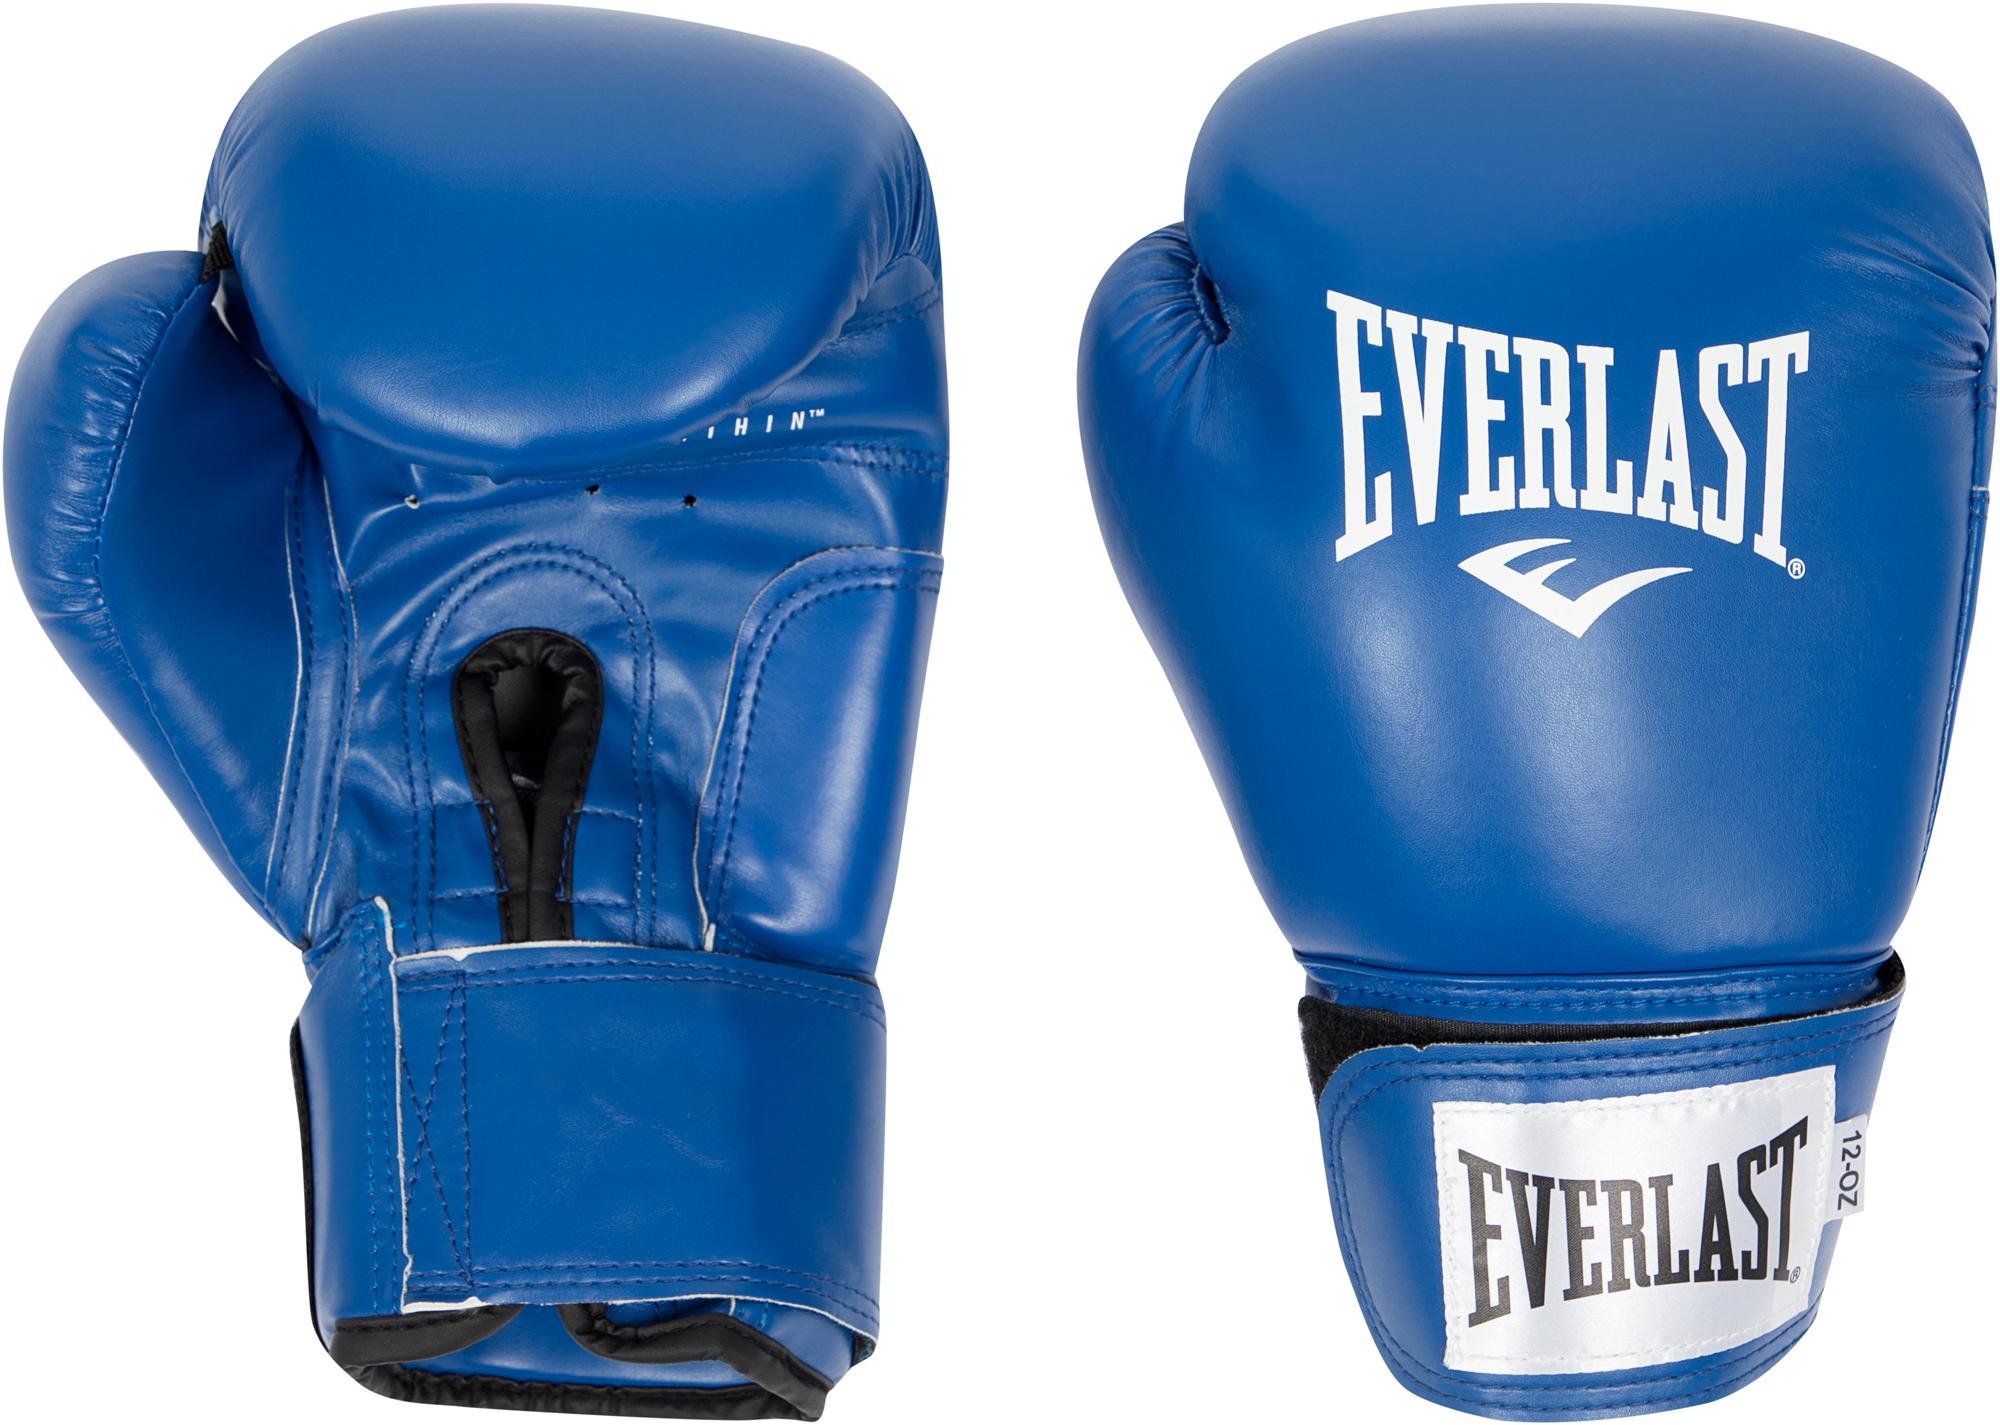 Everlast Перчатки боксерские Everlast, размер 12 oz